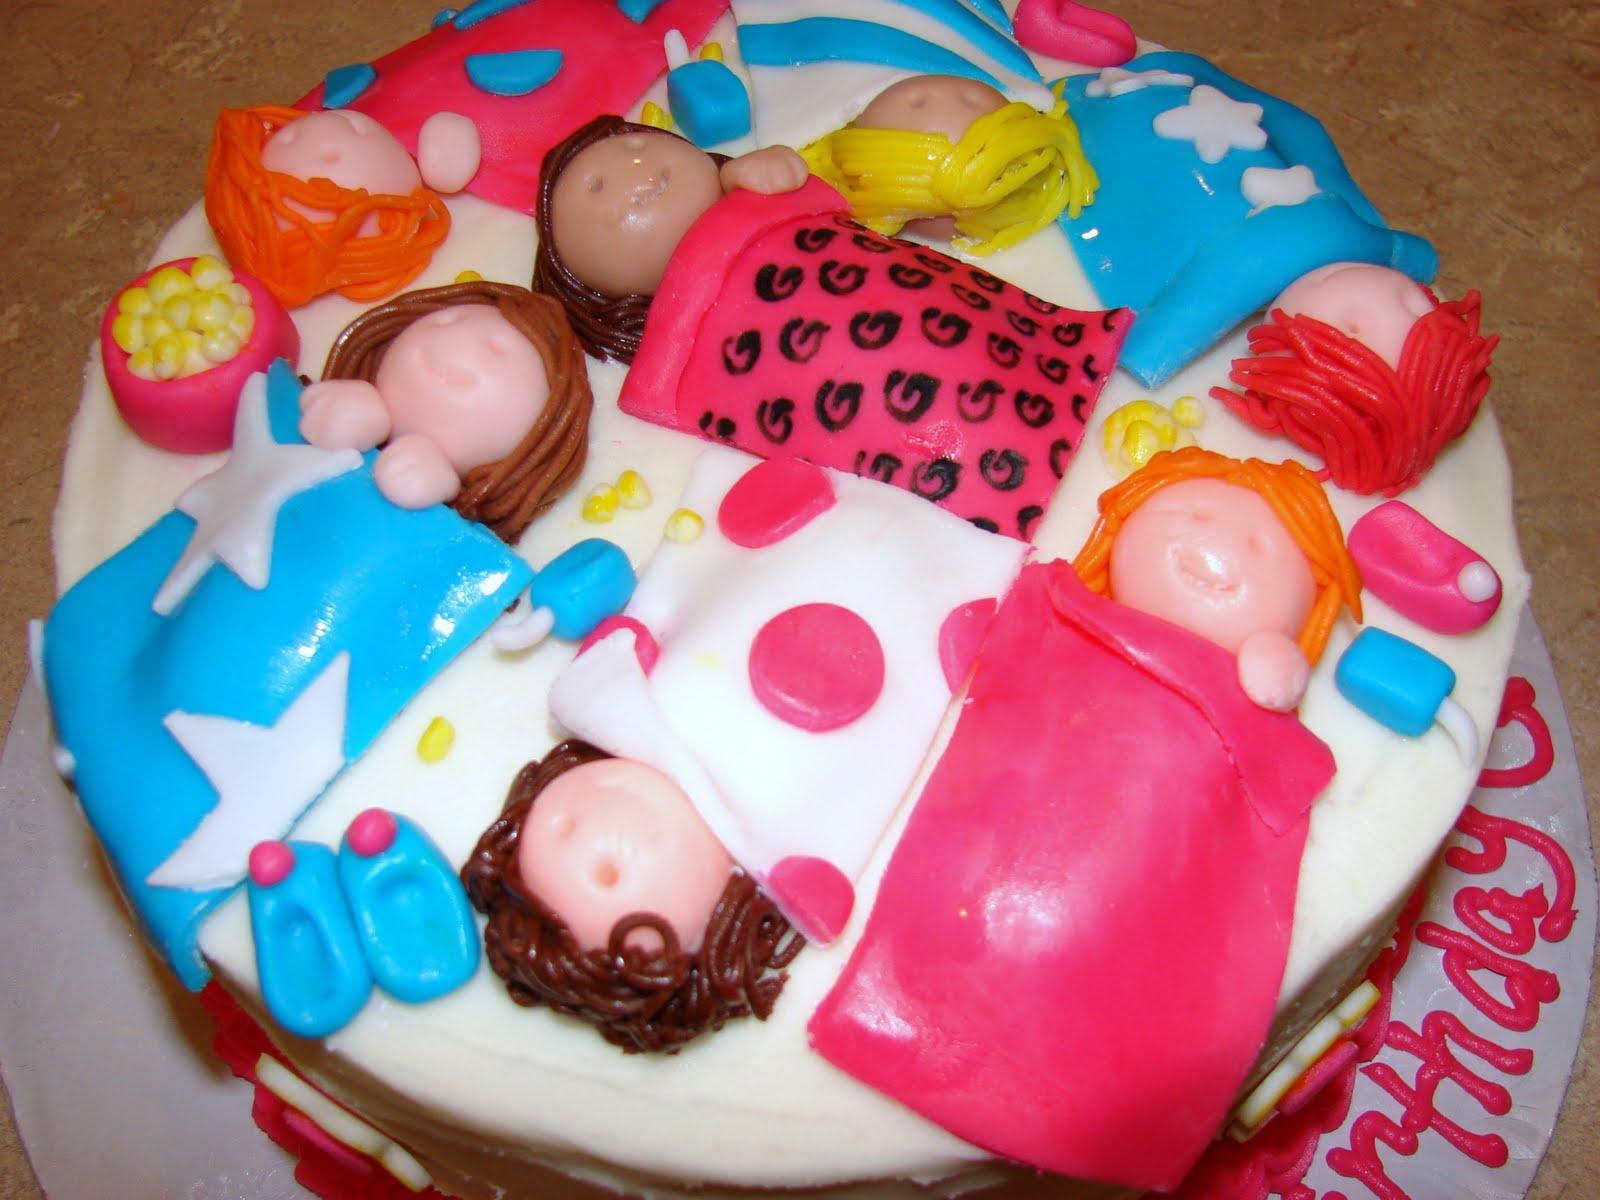 Ipsy Bipsy Bake Shop Slumber Party